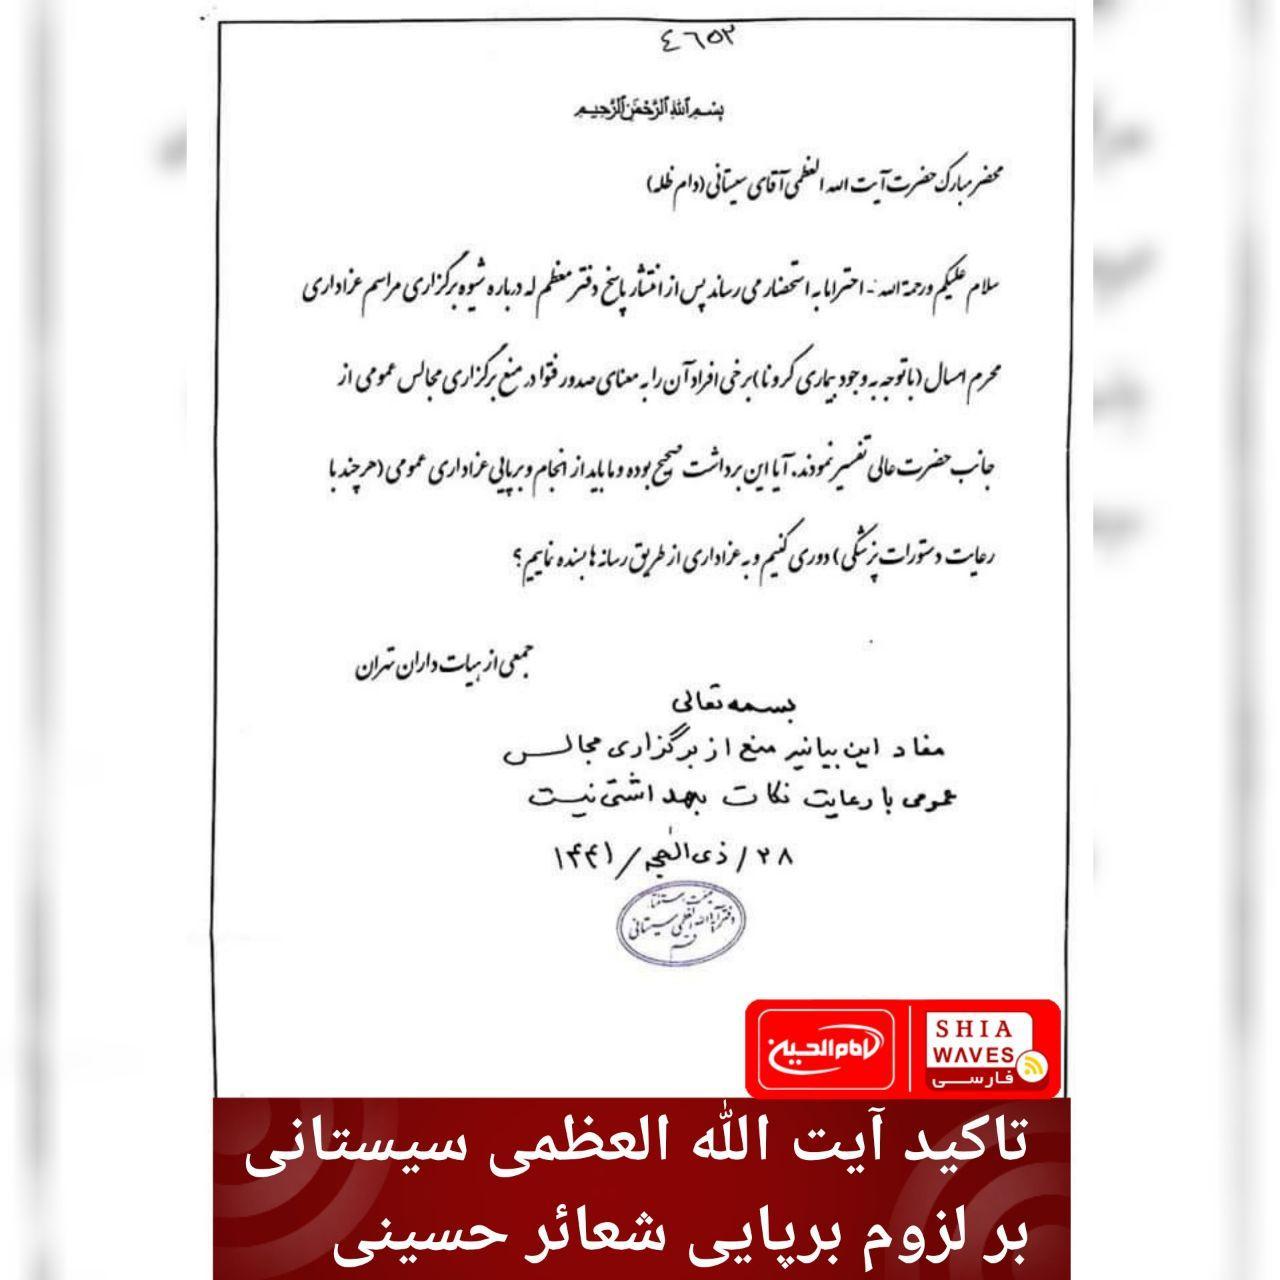 تصویر تاکید آیت الله العظمی سیستانی بر لزوم برپایی شعائر حسینی